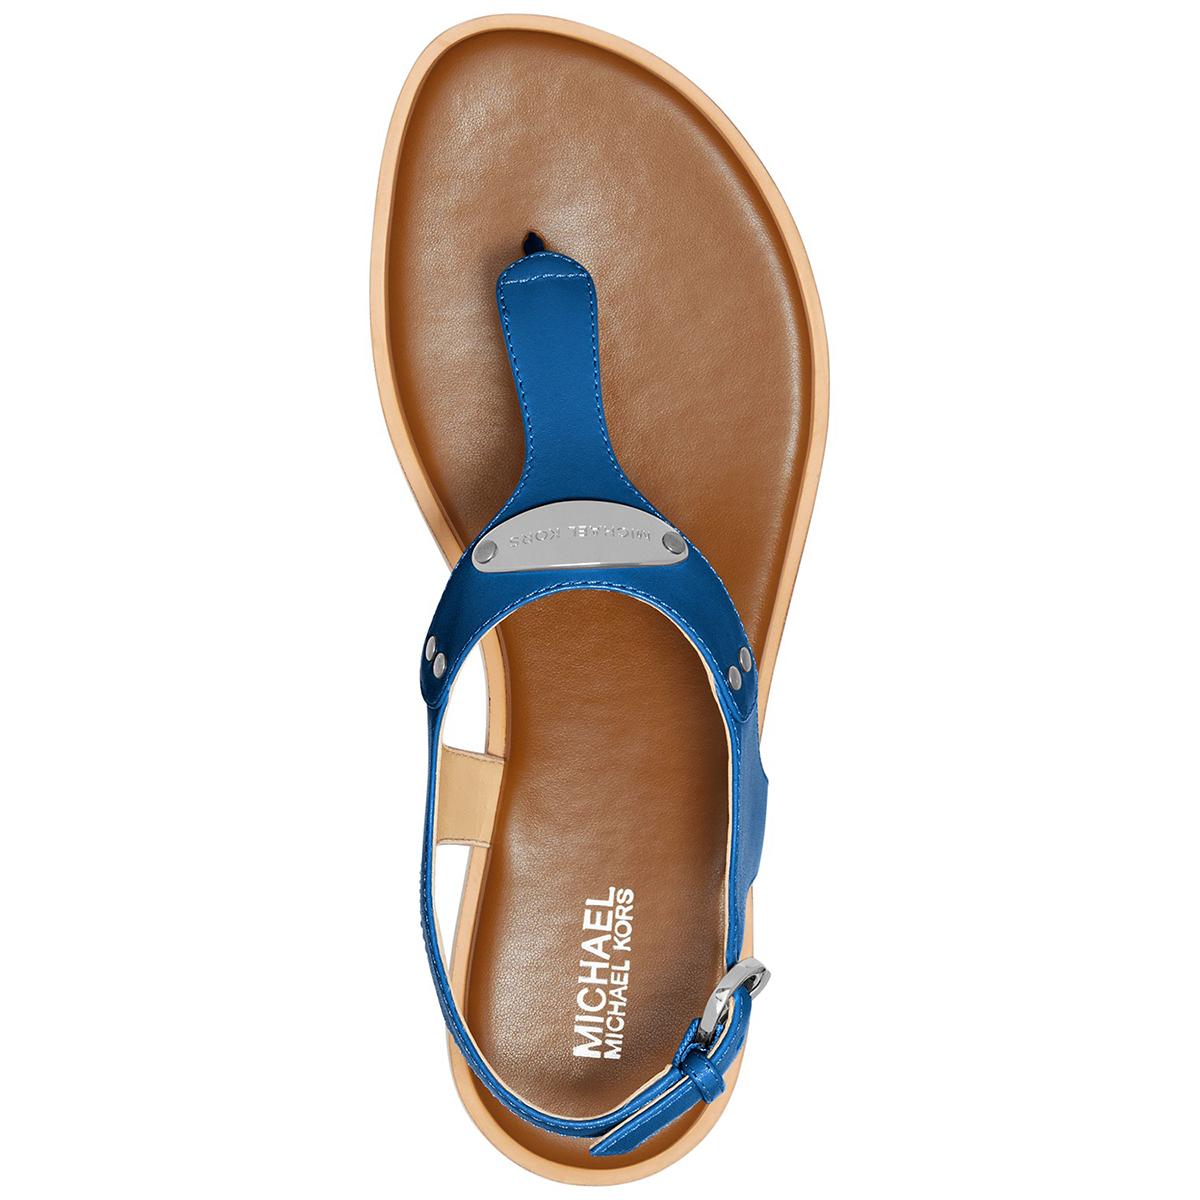 MK Sandals Grecian